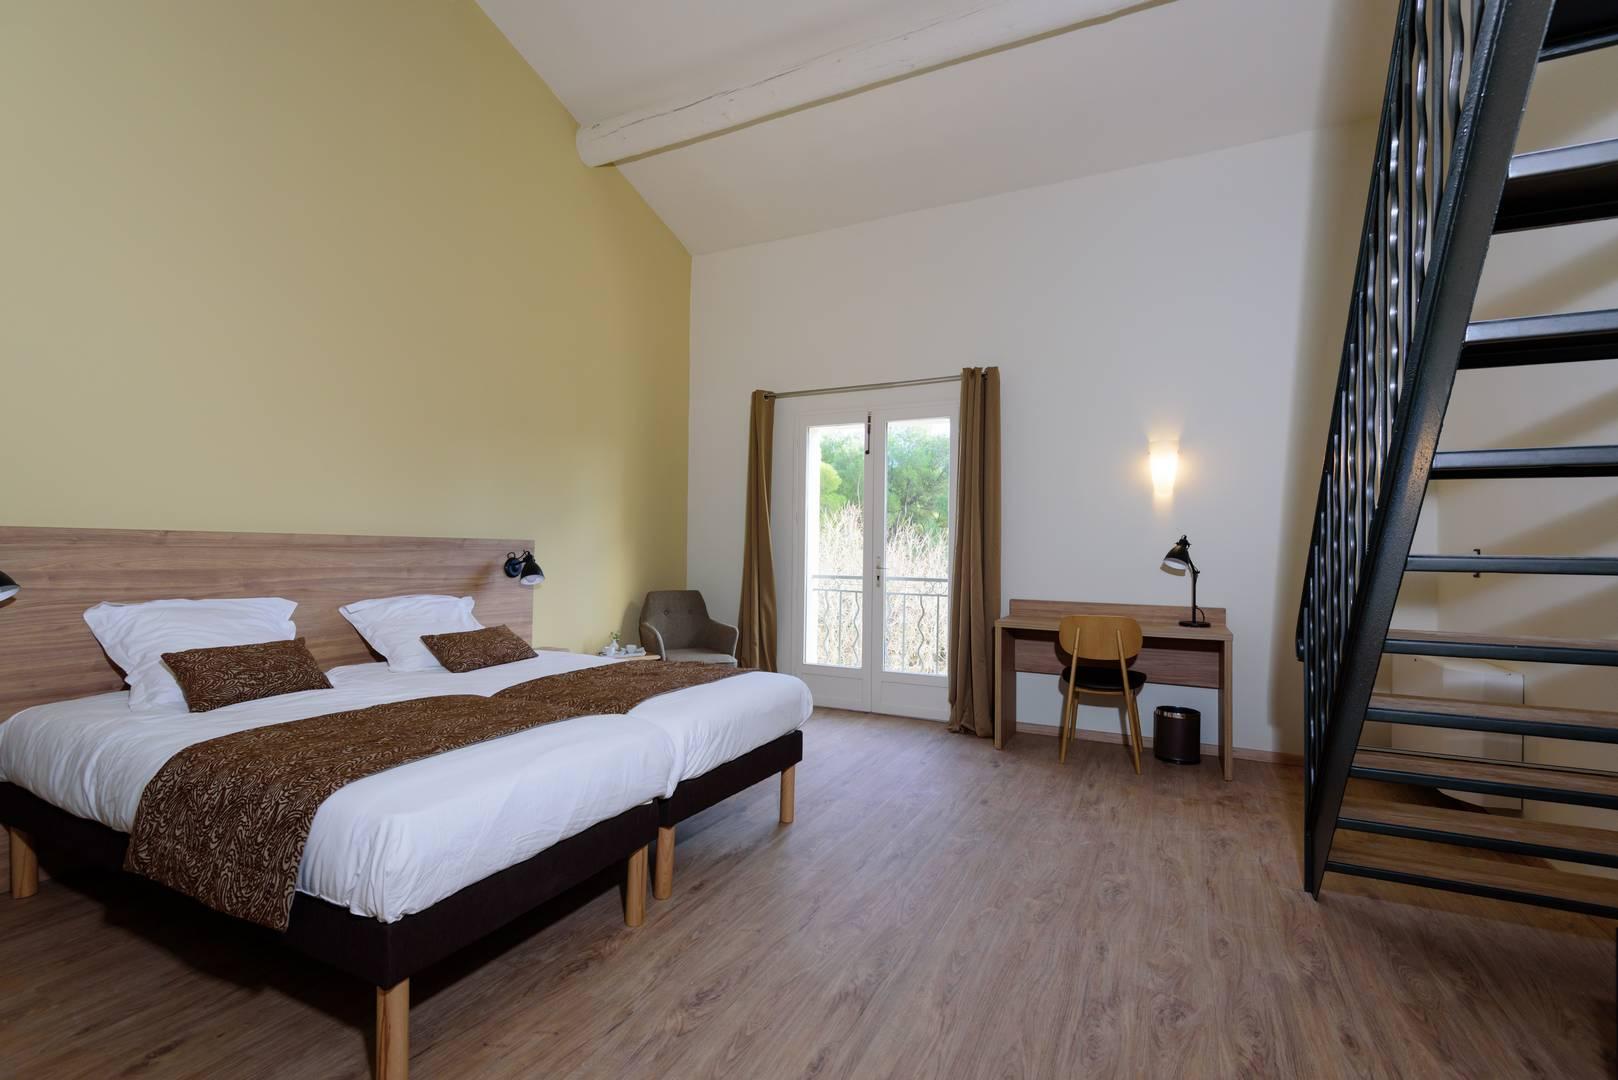 Chambres d'hôtel de charme en Provence avec vue